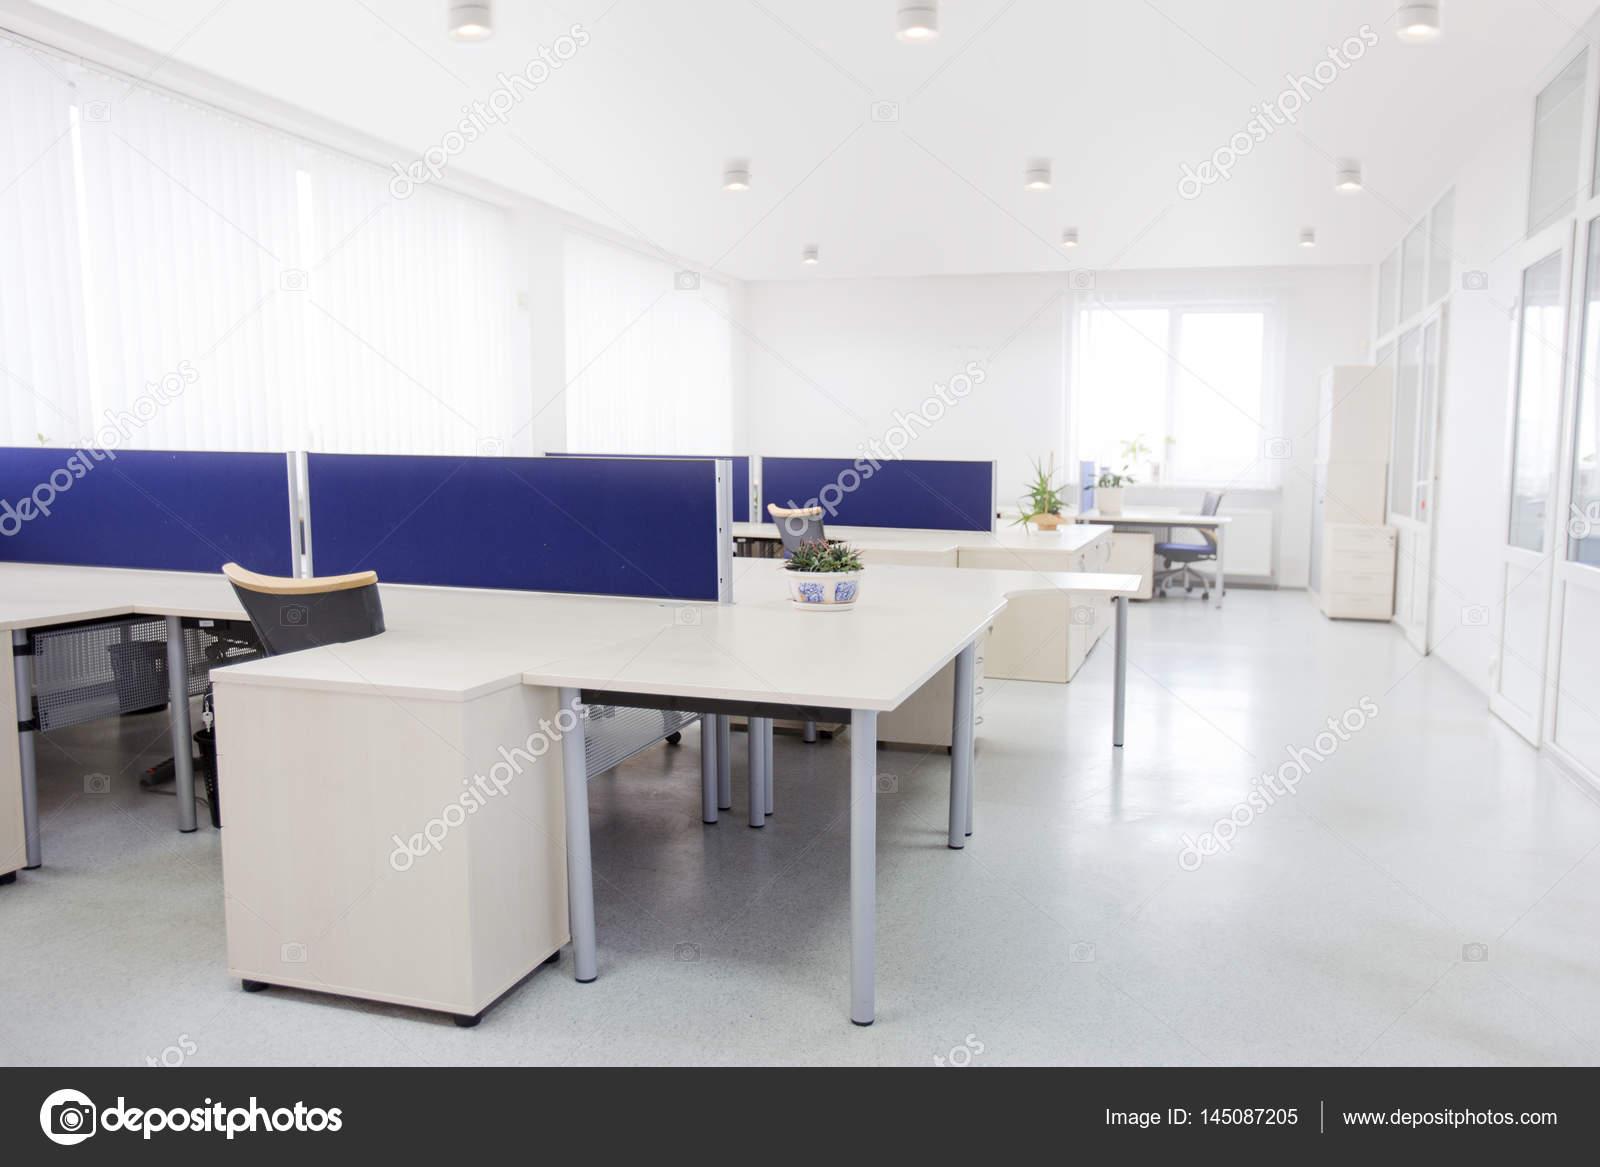 Werkplek Keuken Inrichten : Kantoormeubilair en inrichting werkplekken. hoge resolutie foto